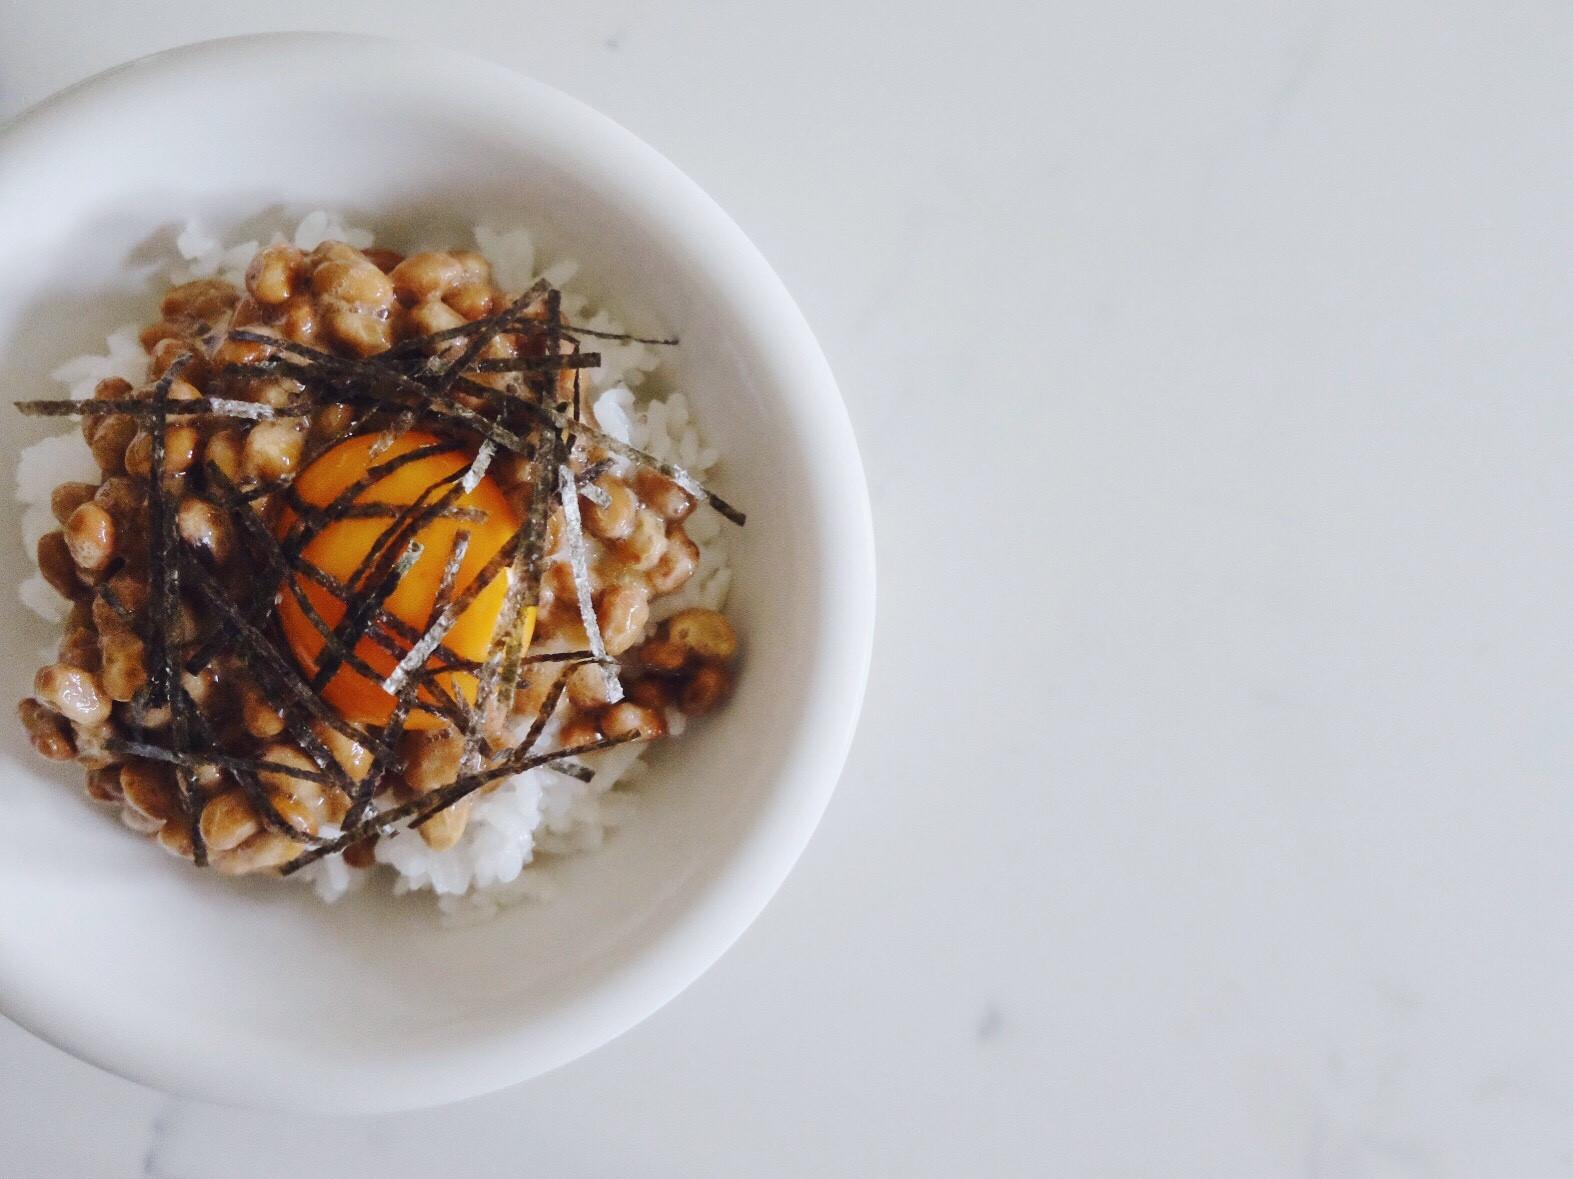 營養素早午餐 - 納豆飯